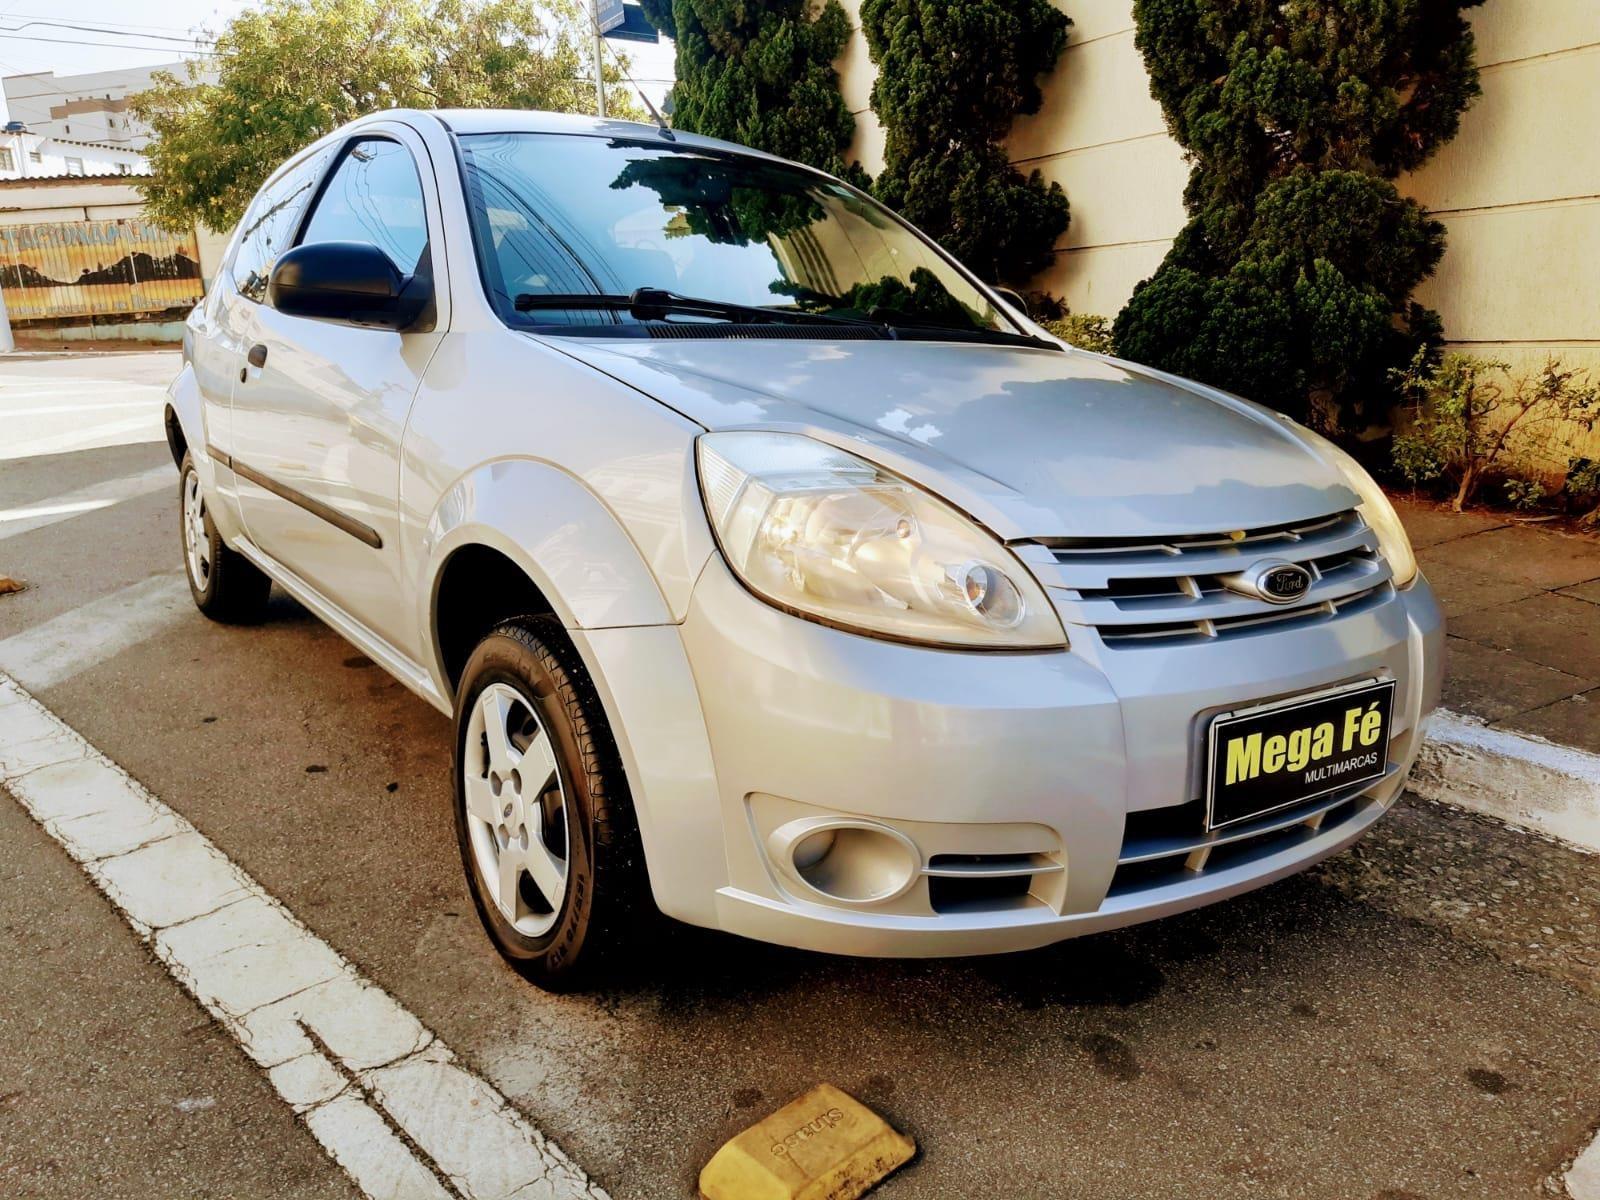 //www.autoline.com.br/carro/ford/ka-10-8v-flex-2p-manual/2009/sao-paulo-sp/15215981